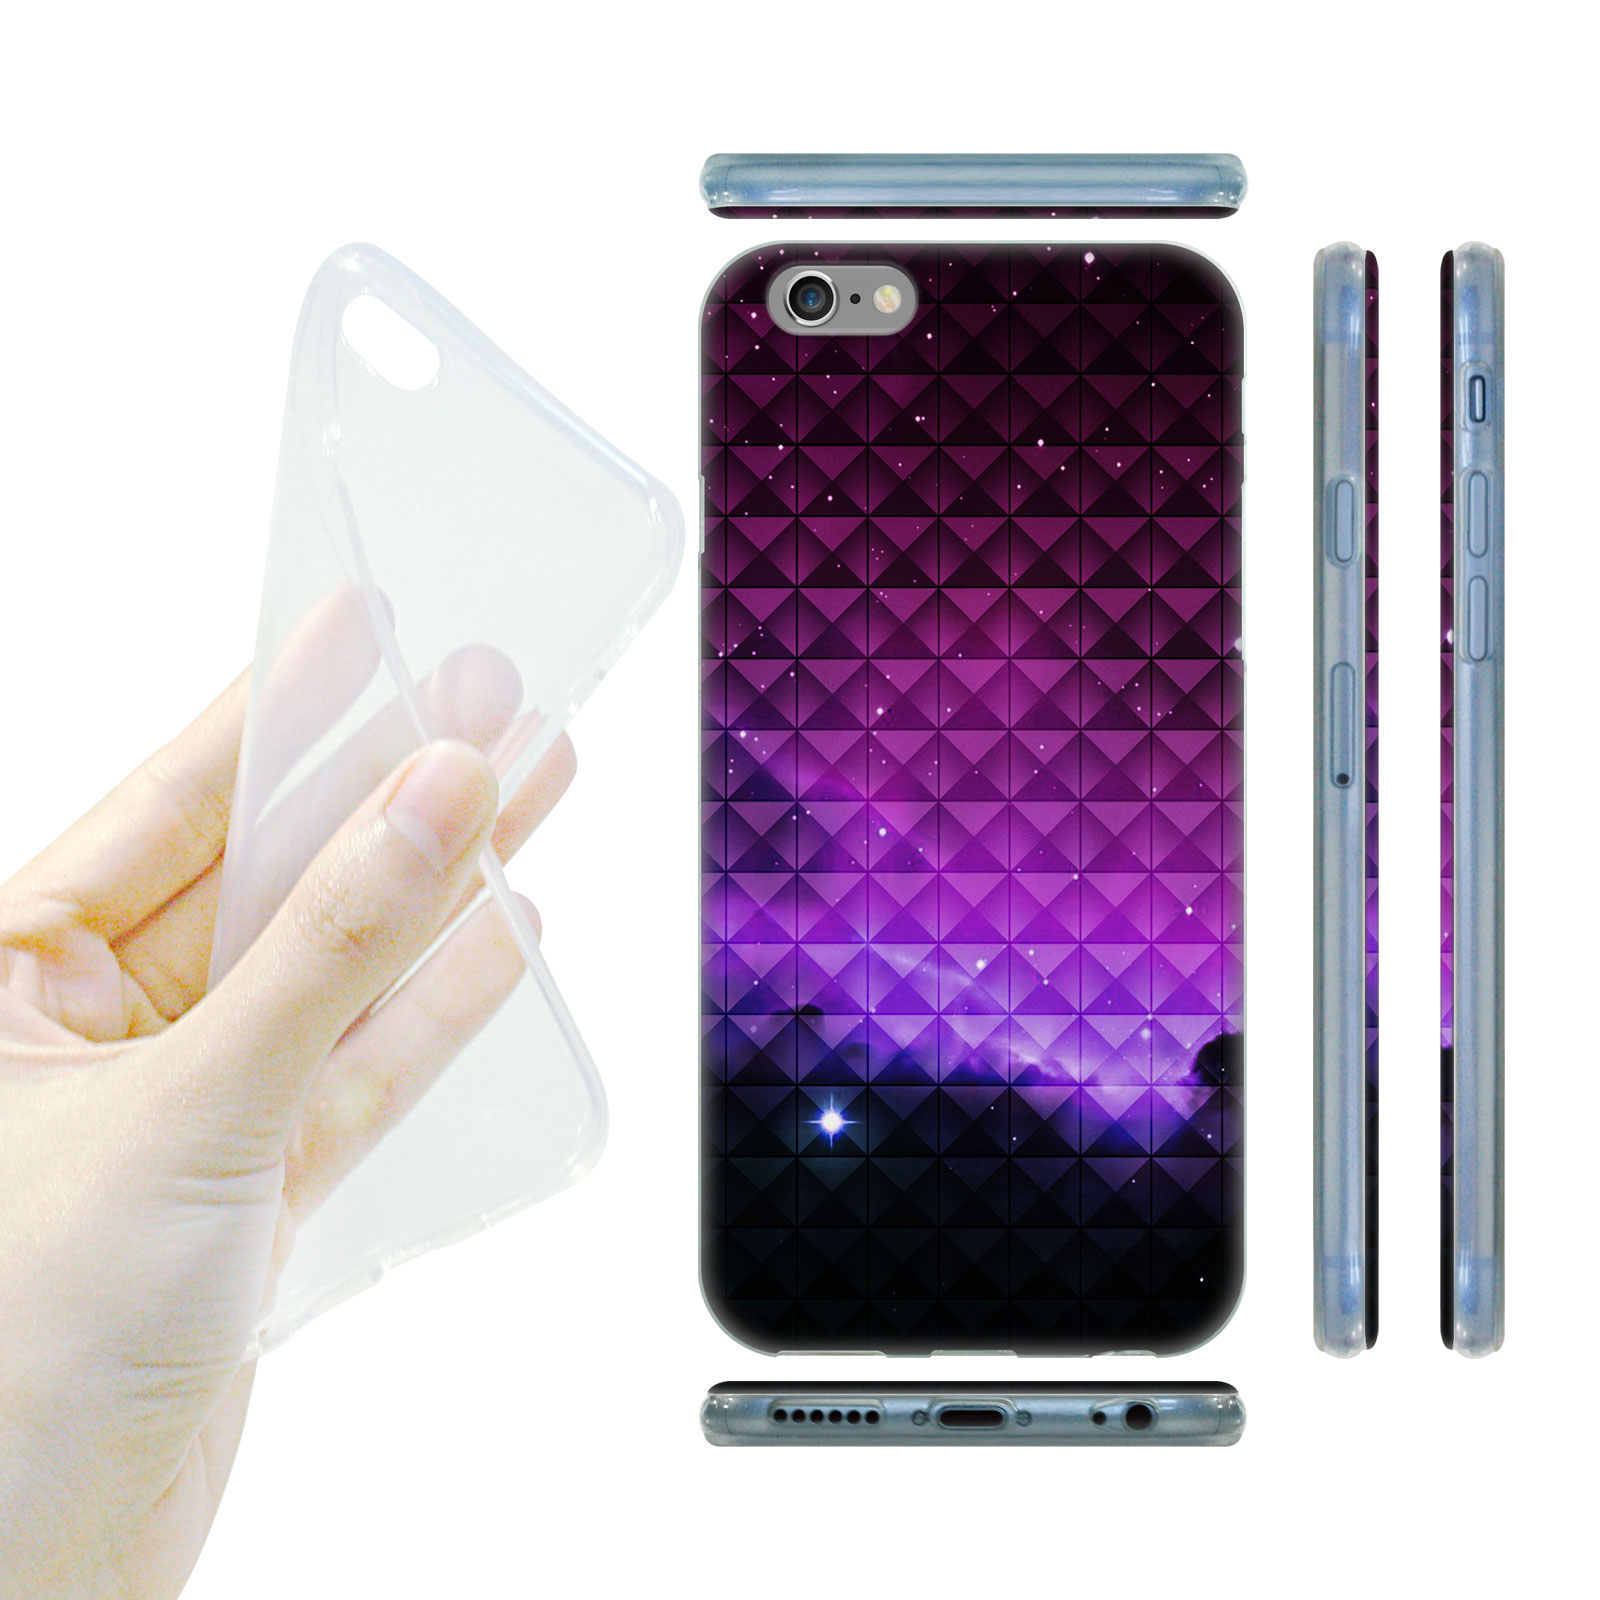 HEAD CASE Silikonový obal na mobil Iphone 6 6S vesmír fialová záře 38b6de39d9b